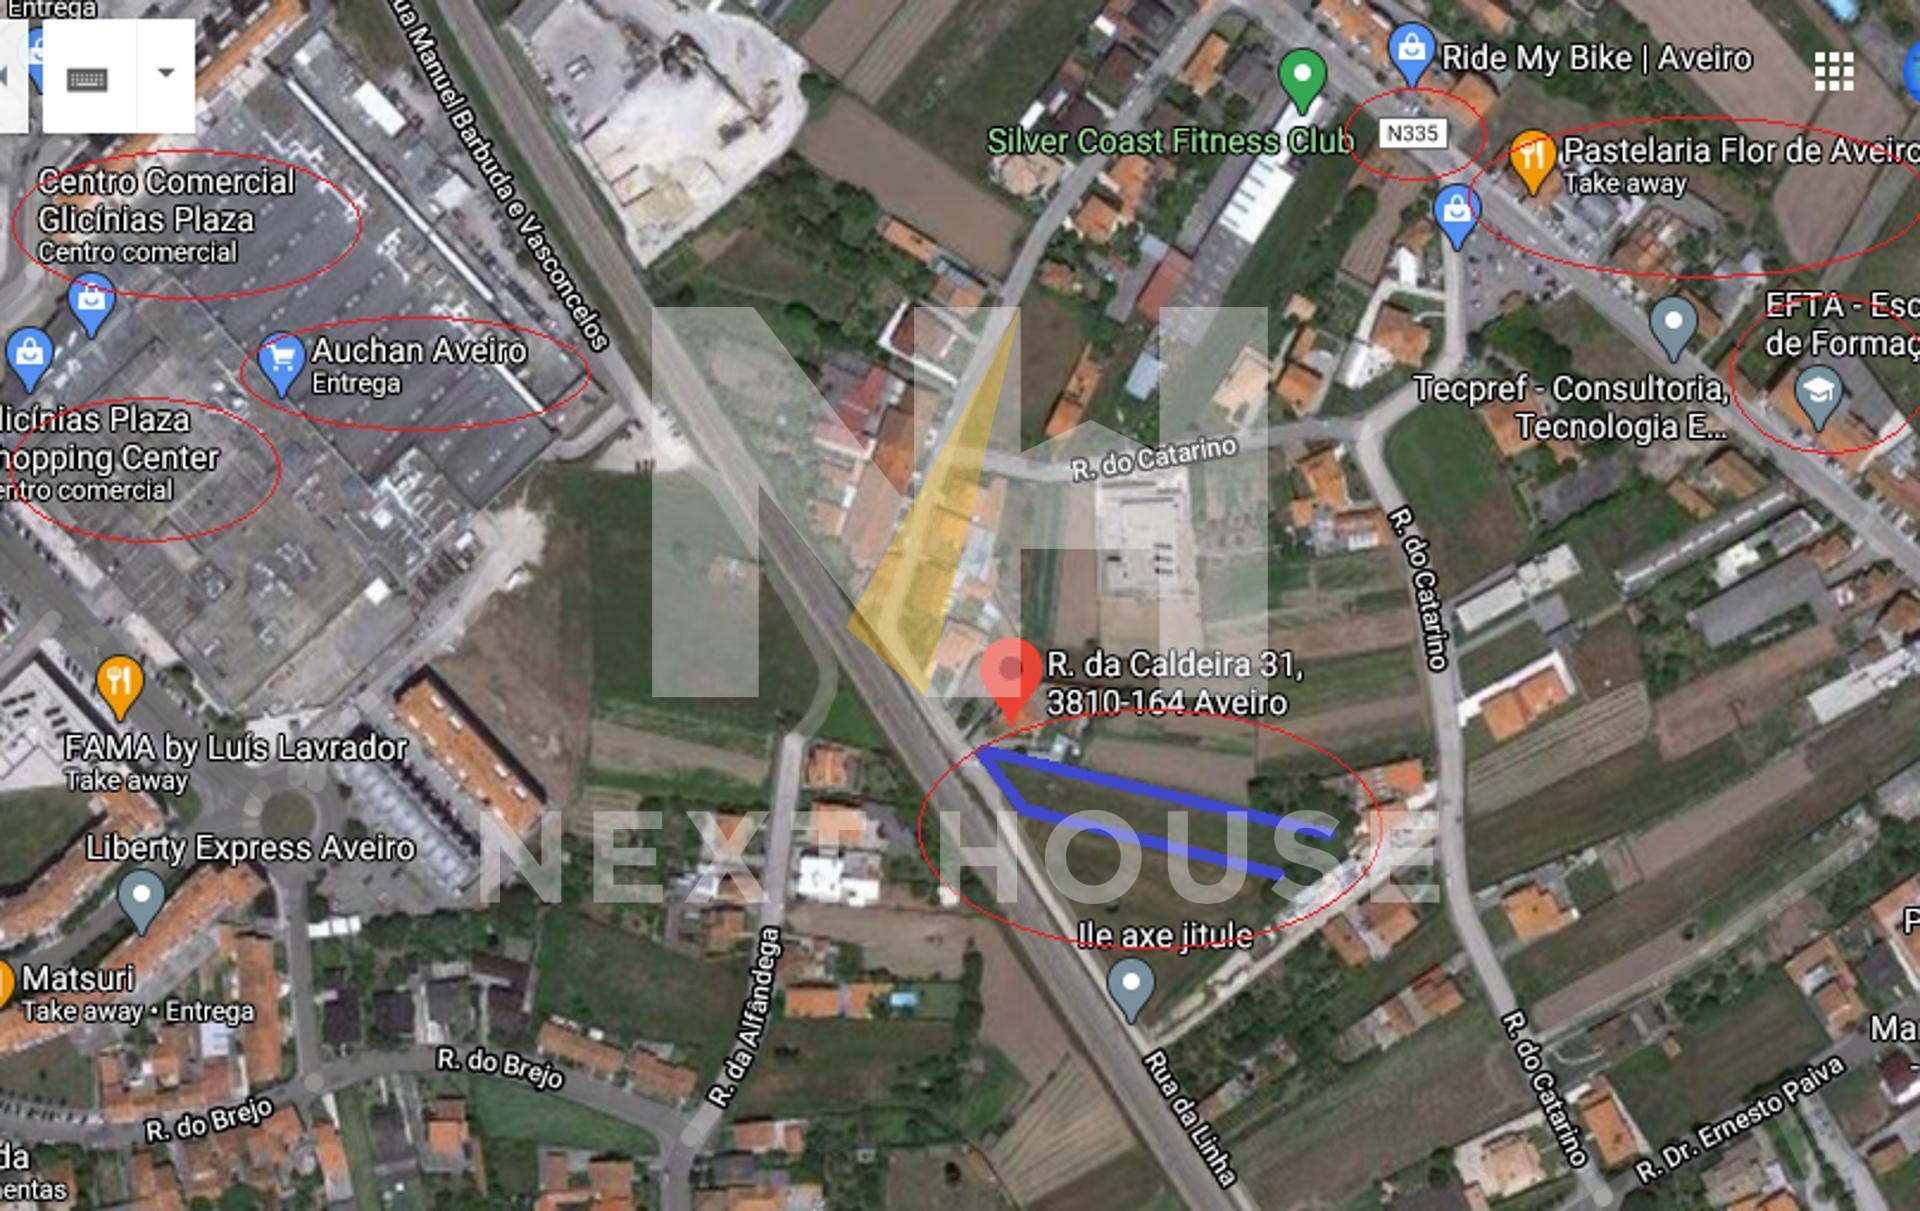 Terreno a 3min Universidade Aveiro  - Aveiro, Aradas